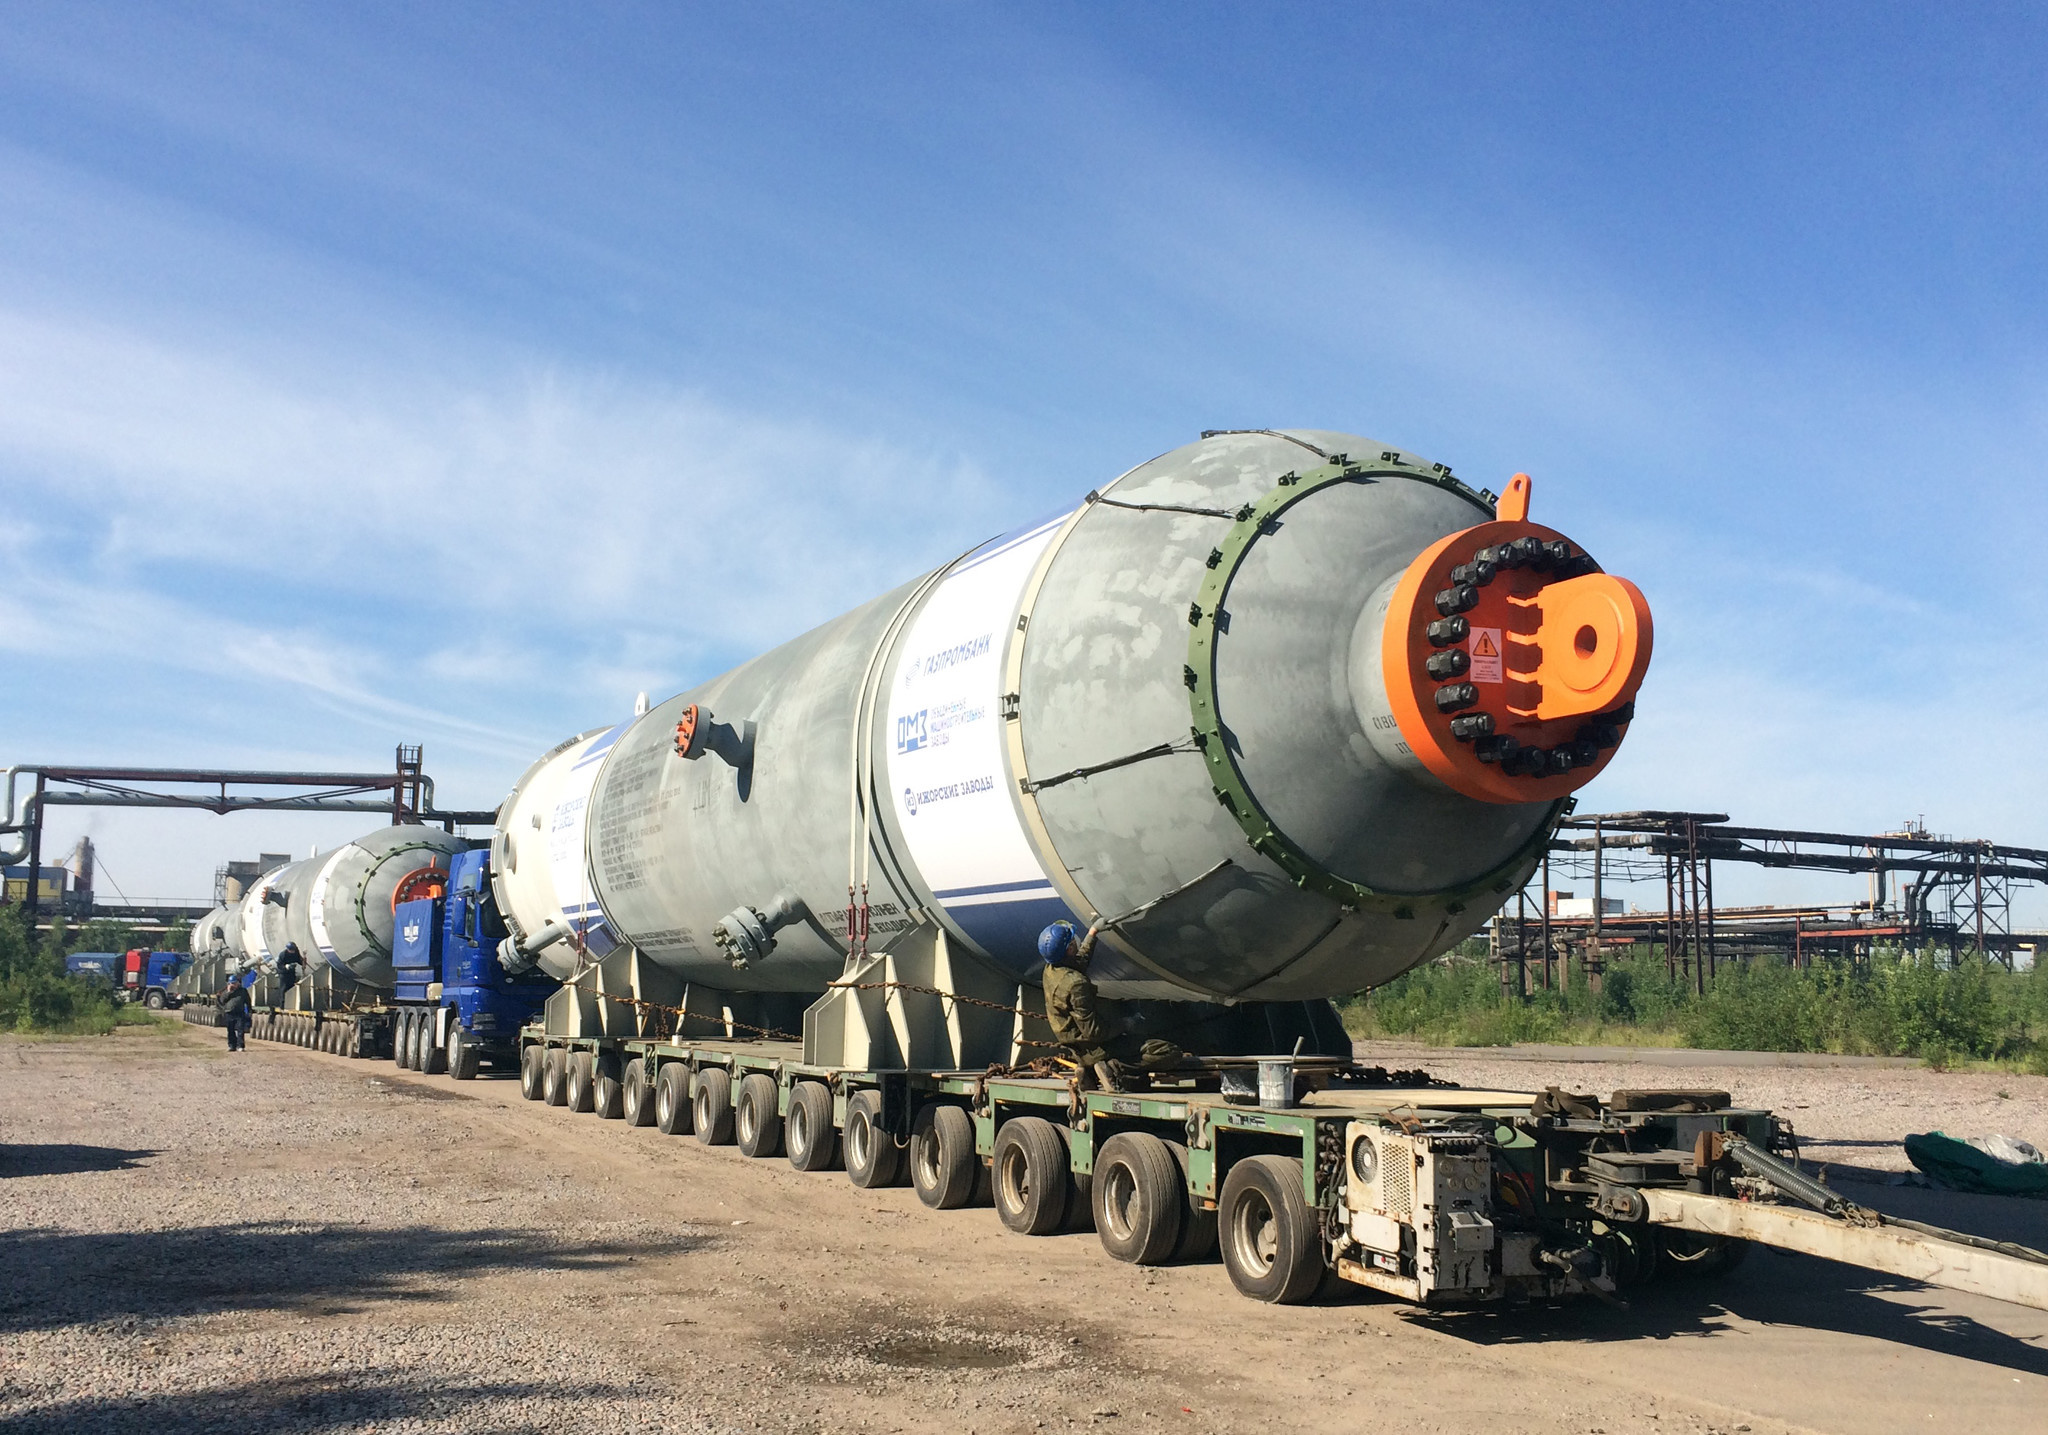 Ижорский завод поставил нефтеперерабатывающее оборудование для Омского НПЗ